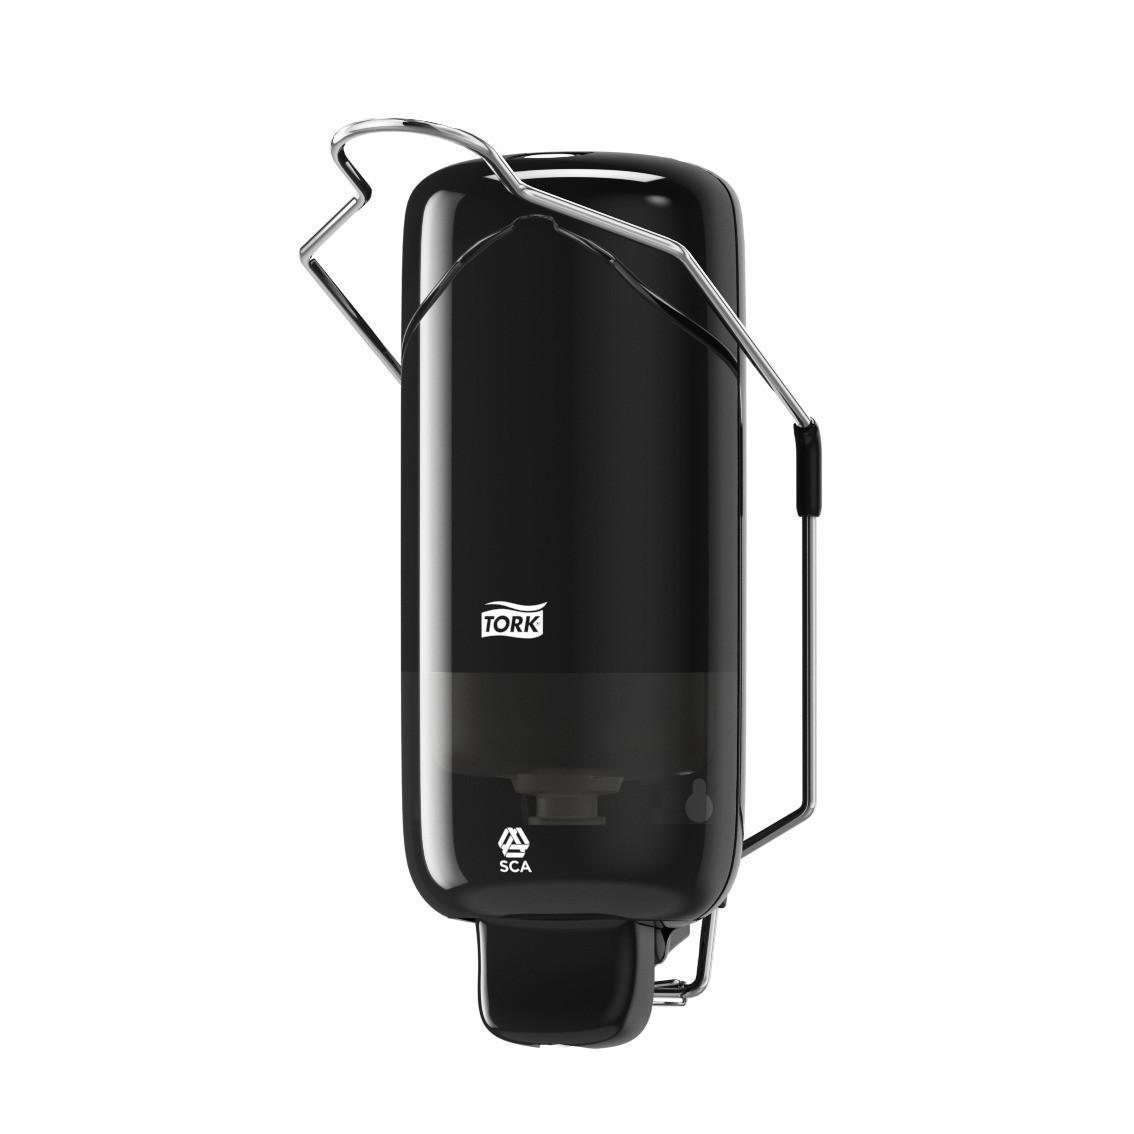 Tork Elevation диспенсер для жидкого мыла с локтевым приводом